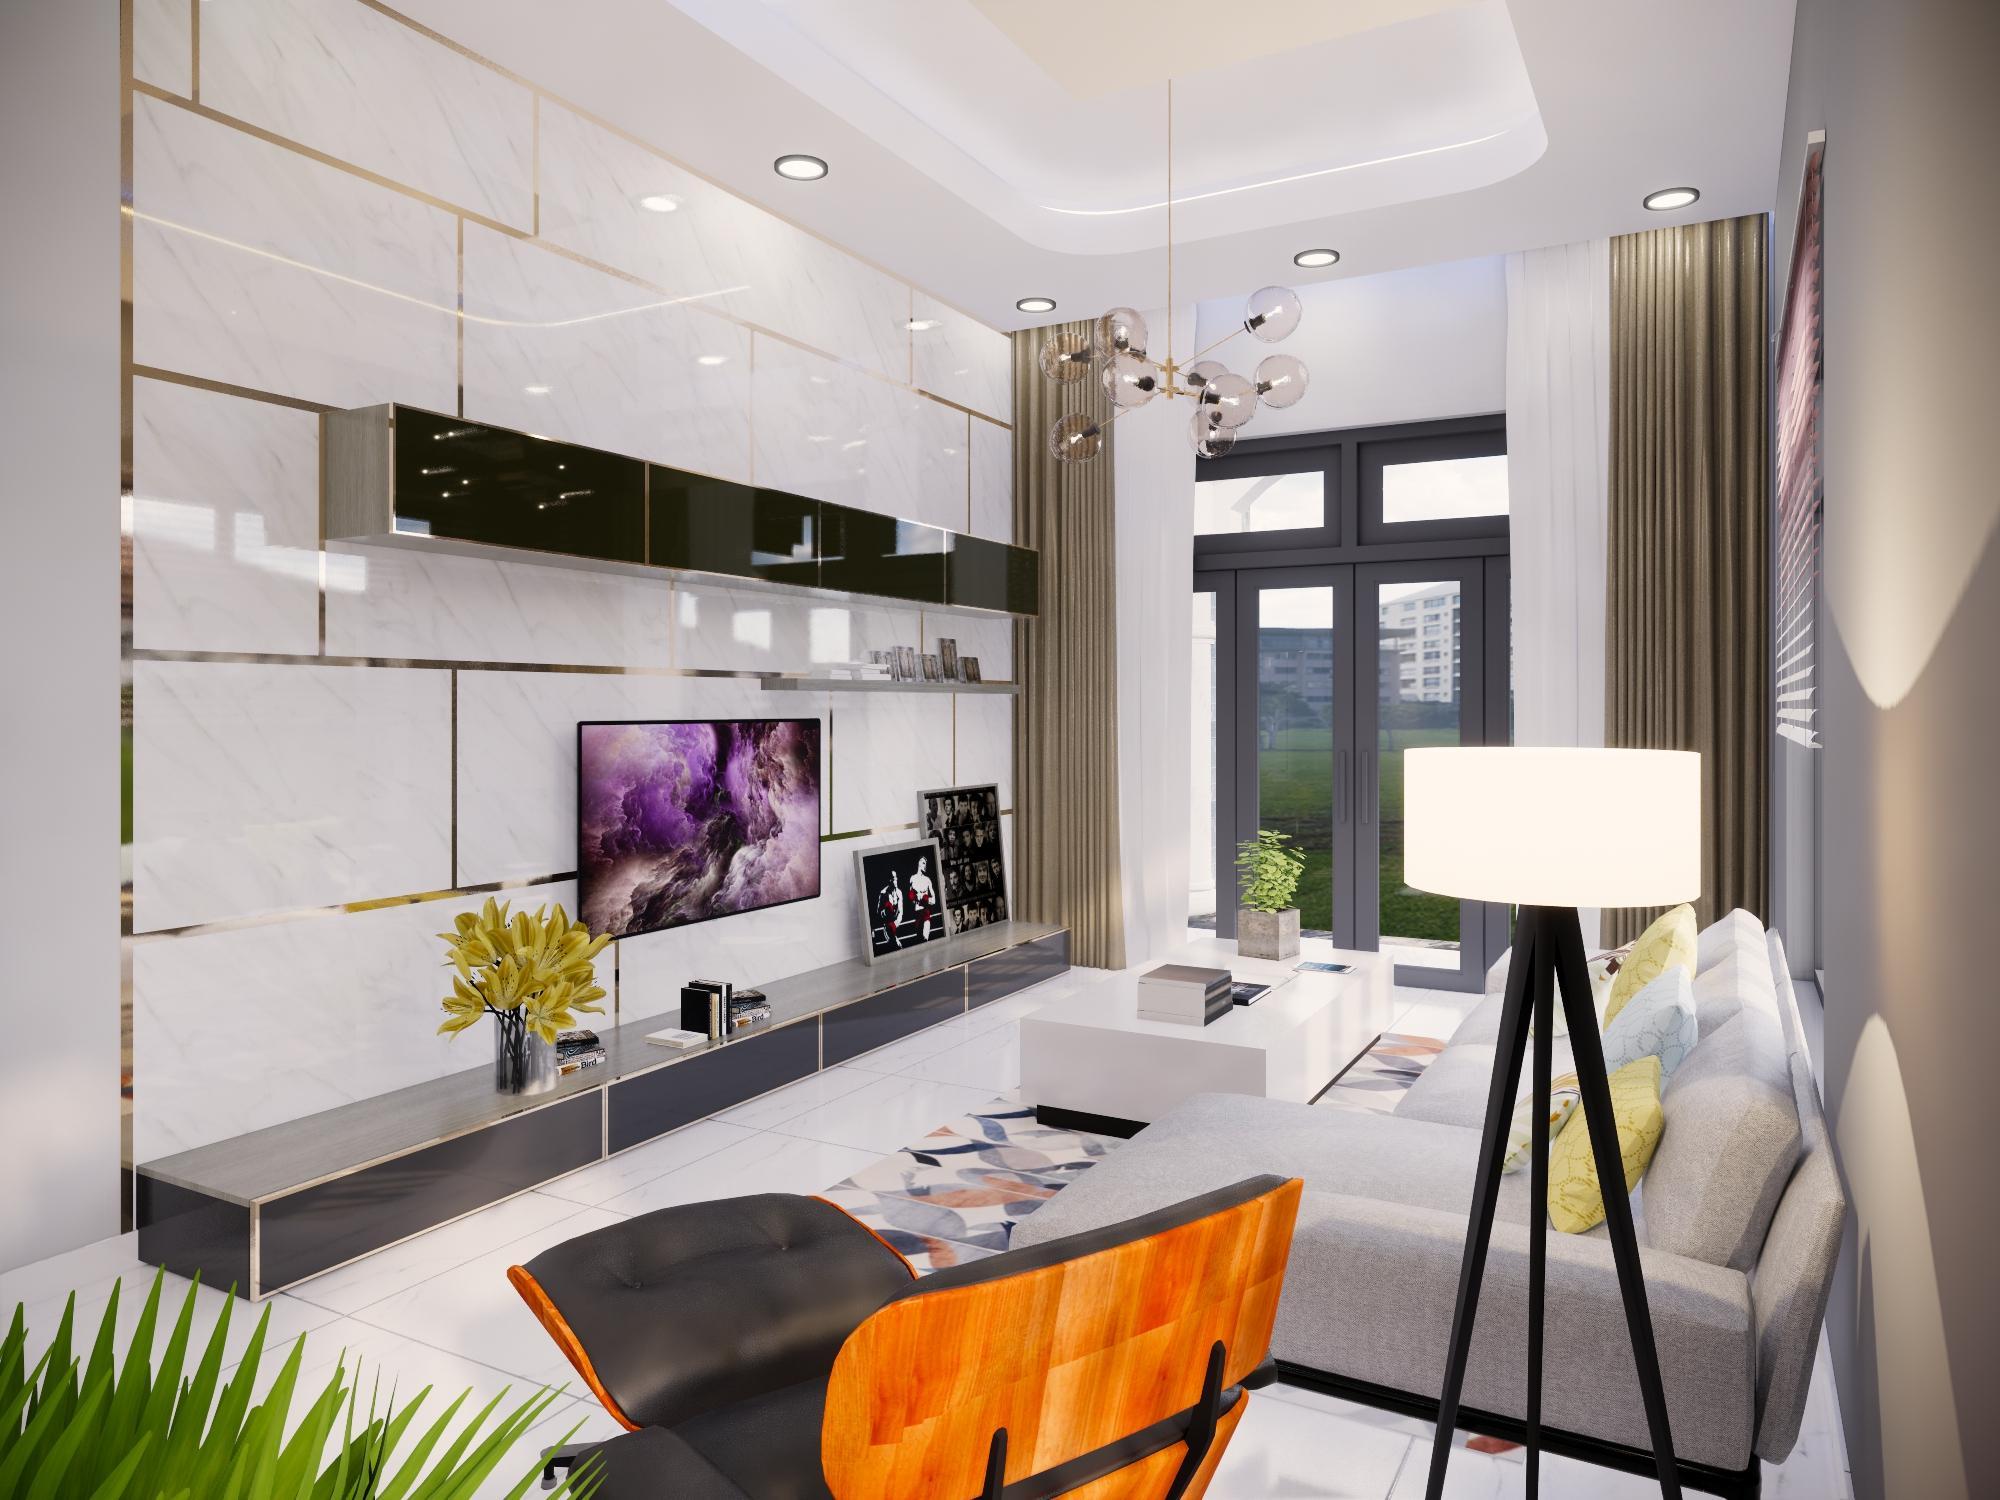 Thiết kế nội thất Nhà tại Bình Thuận NHÀ PHỐ I TRẦN THỊ PHƯƠNG LAN 1574139985 0